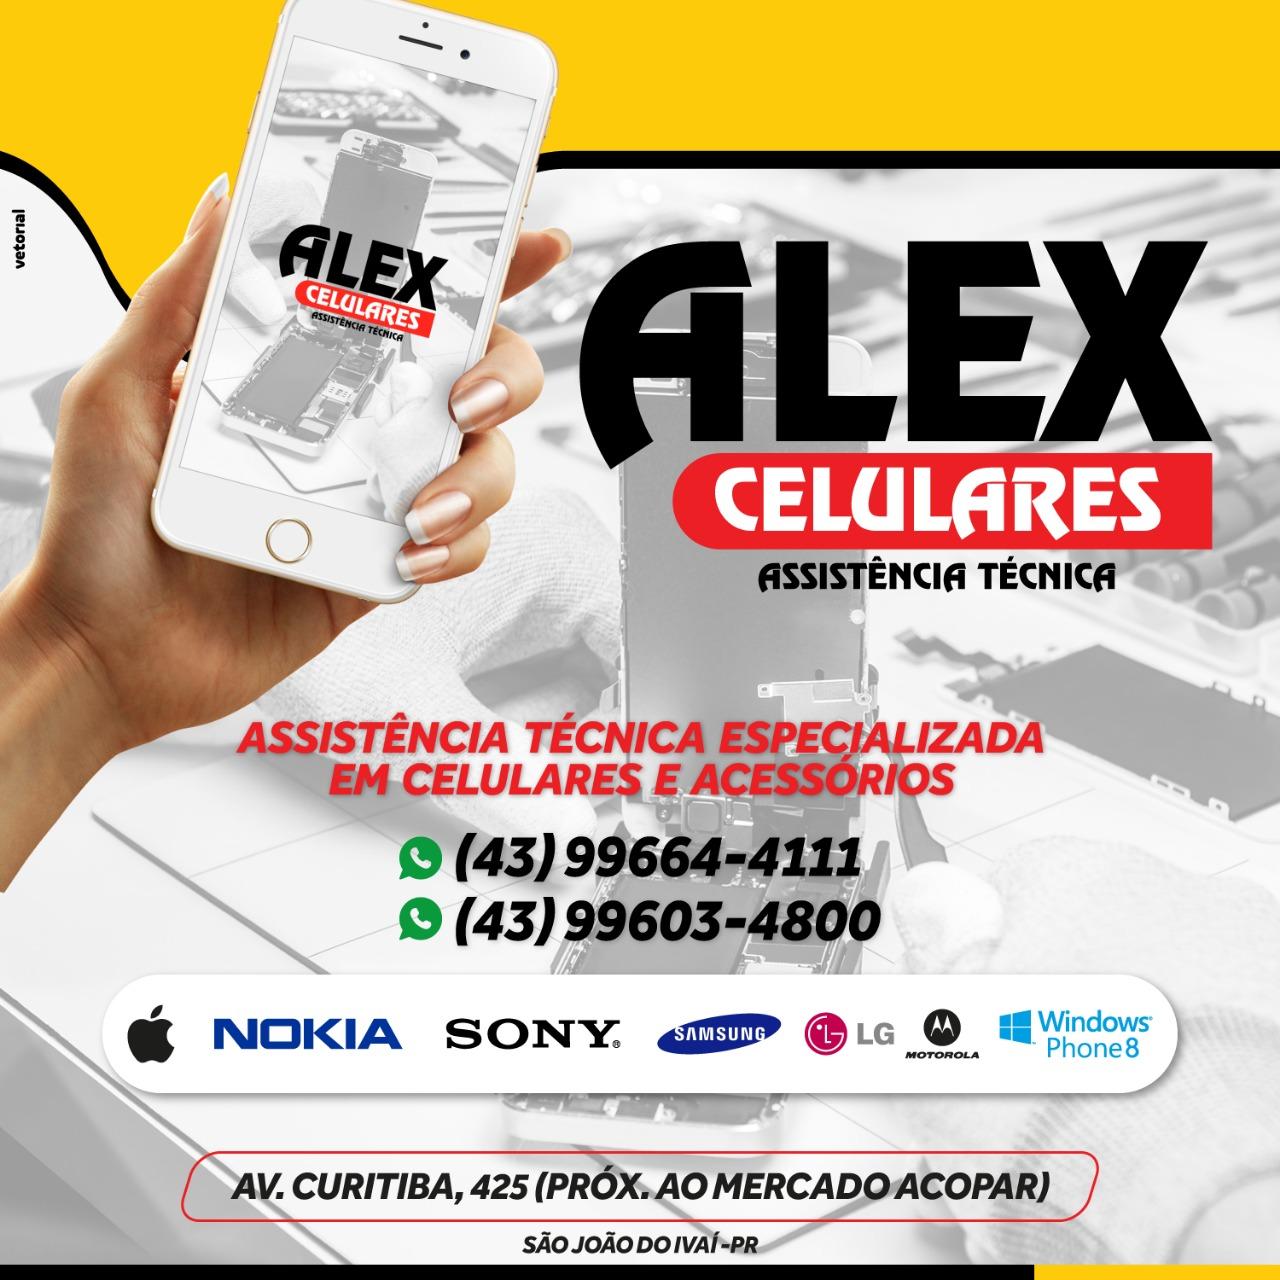 ALEX CELULARES - ATENDENDO SÃO JOÃO DO IVAÍ E TODA A REGIÃO!